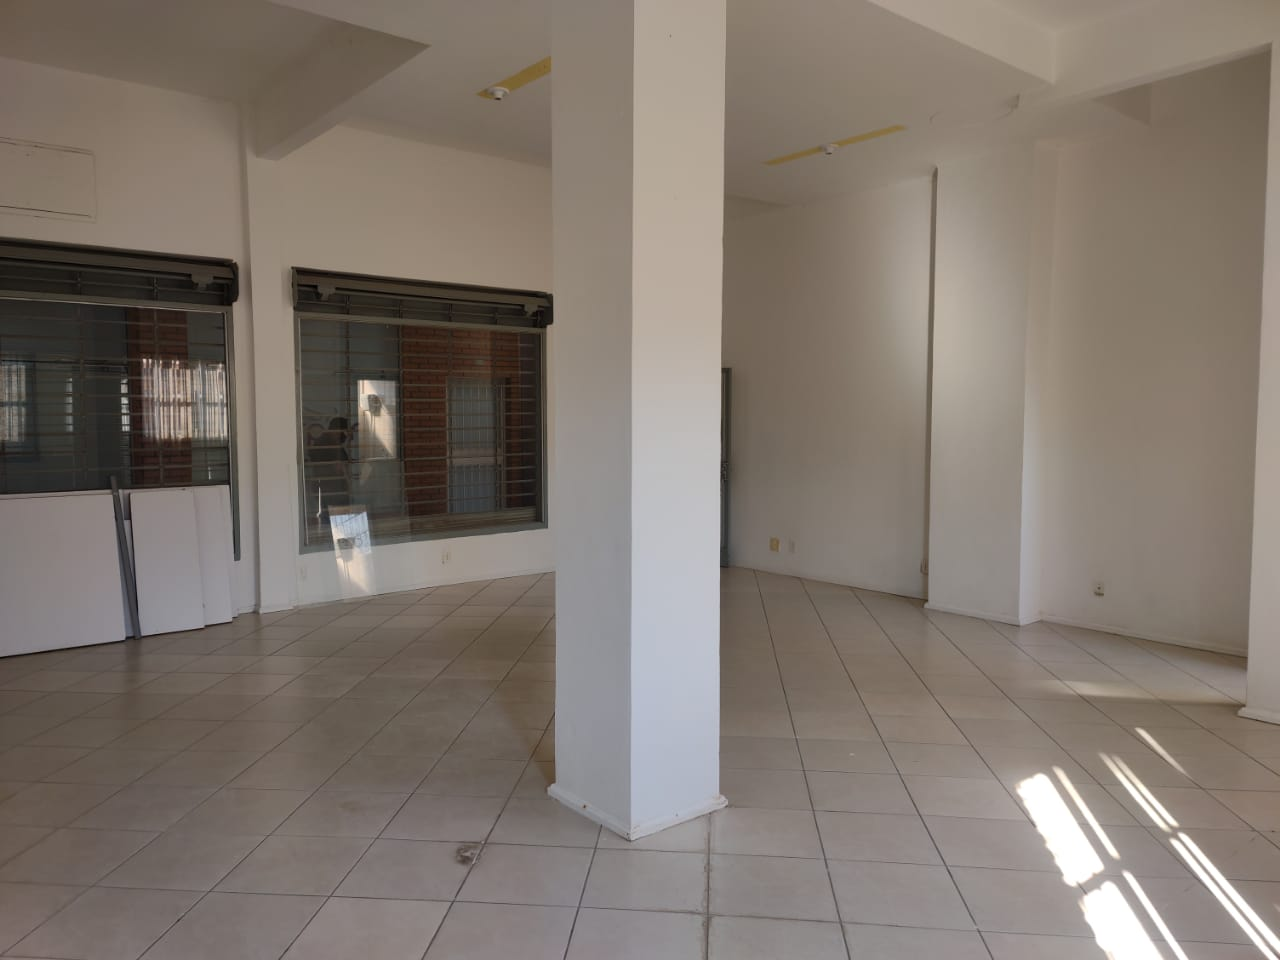 Fotos do imóvel sala comercial para locação na Rua Arapongas - Sparrenberger Imóveis